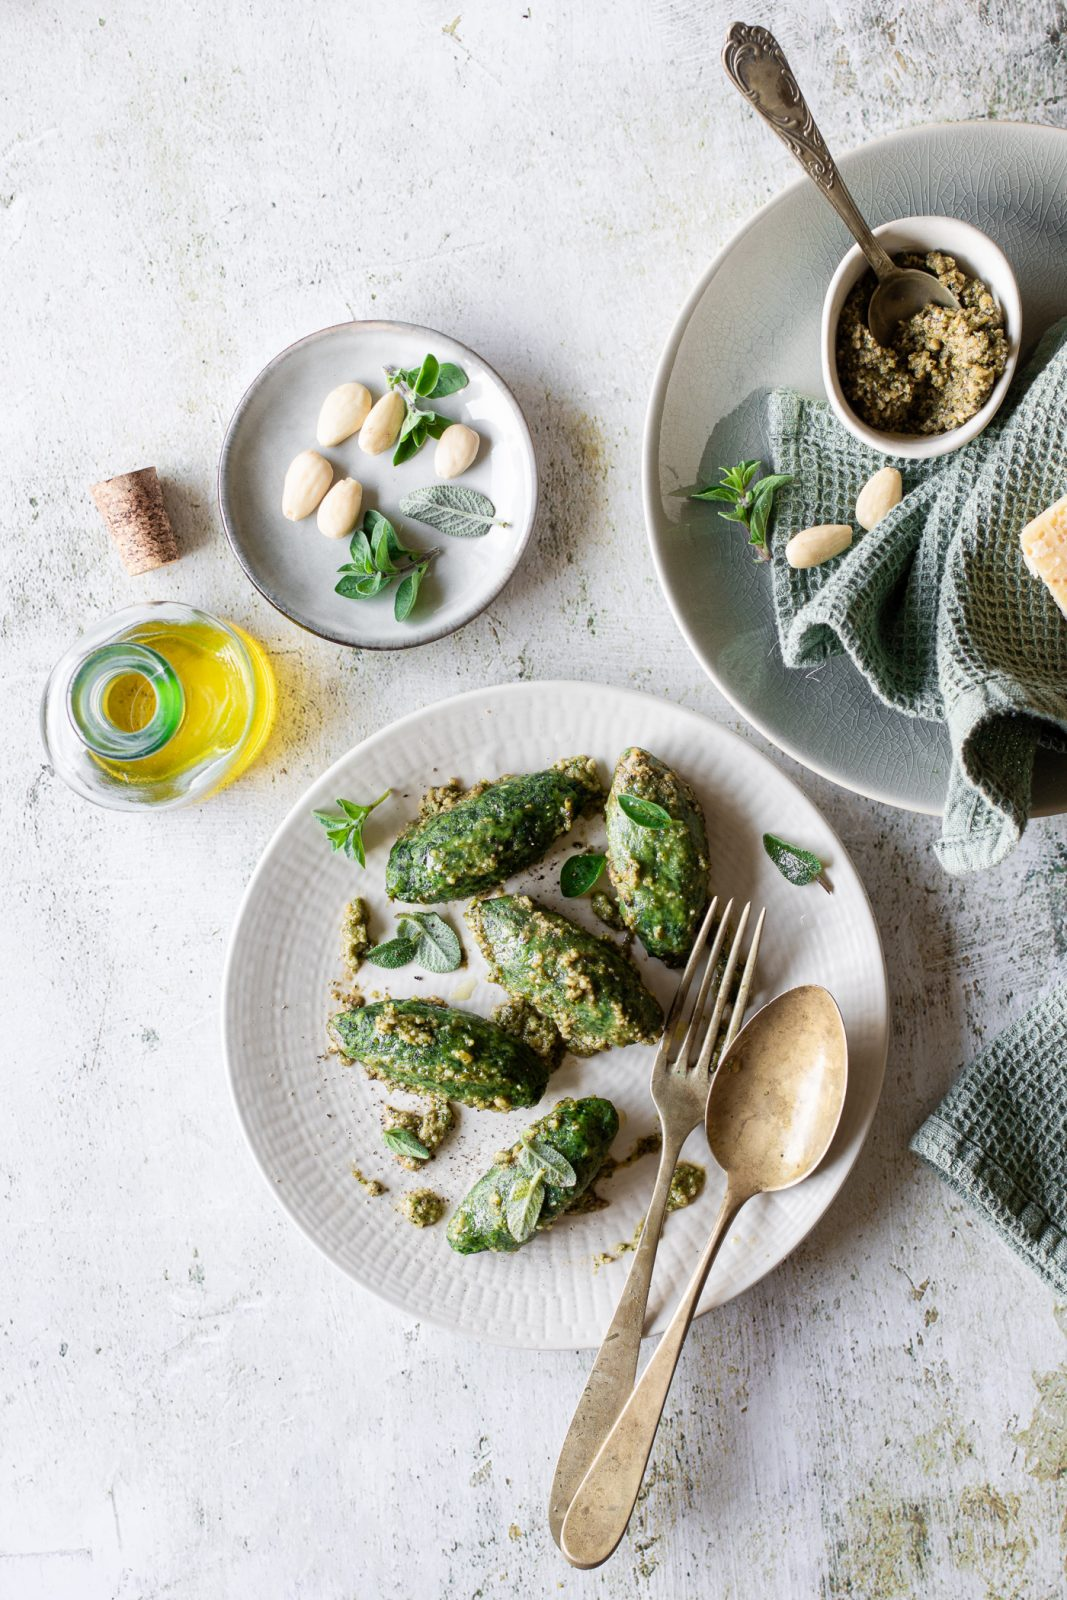 malfatti agli spinaci e ricotta conditi con pesto di erbe aromatiche